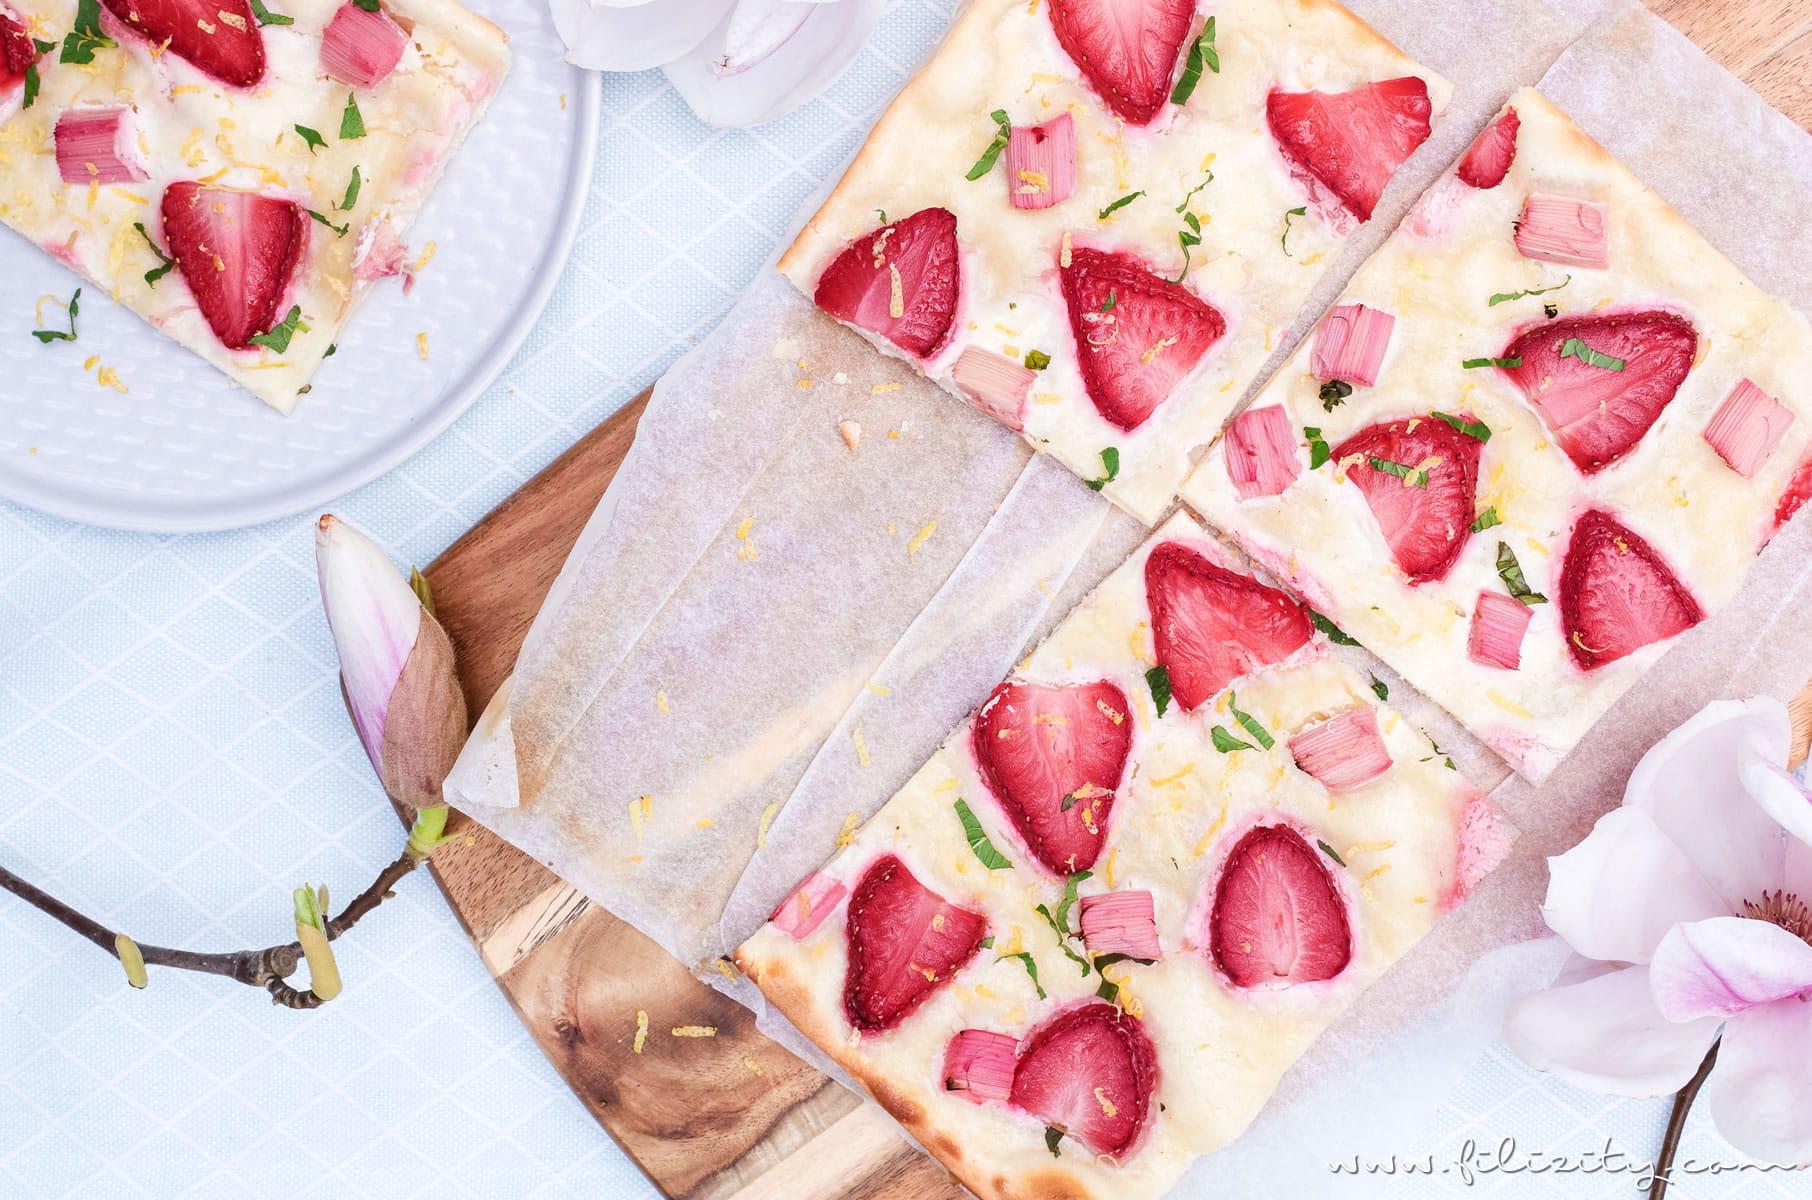 Erdbeer-Rhabarber-Flammkuchen | Süße Variante des klassischen Elsässer Flammkuchens | Leckeres Rezept für Frühling & Sommer | Filizity.com | Food-Blog aus dem Rheinland #flammkuchen